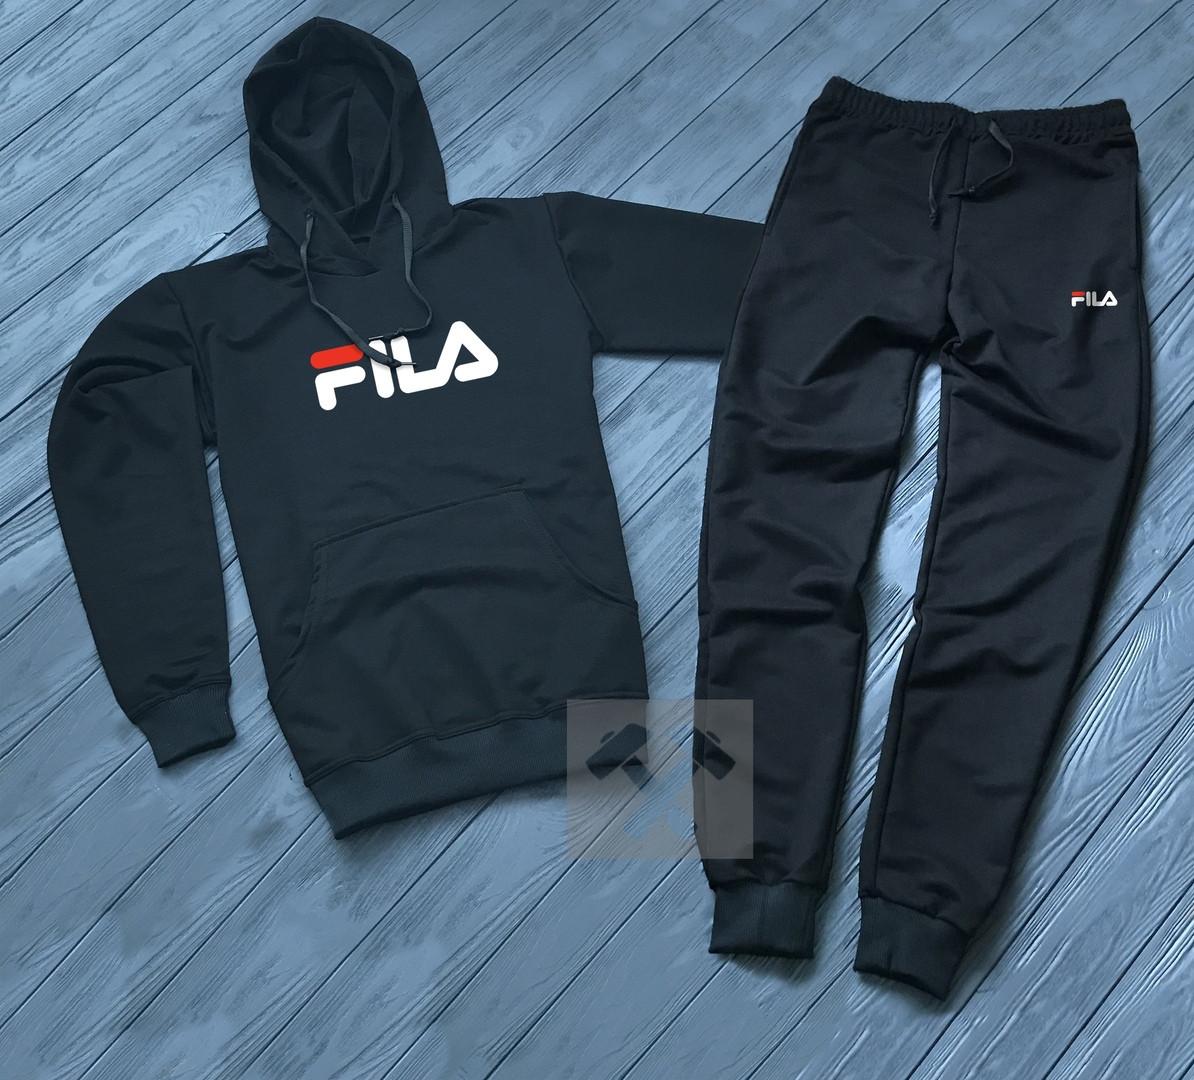 a226d998 Спортивный костюм Fila, черный, цена 770 грн., купить в Хмельницком —  Prom.ua (ID#937133428)